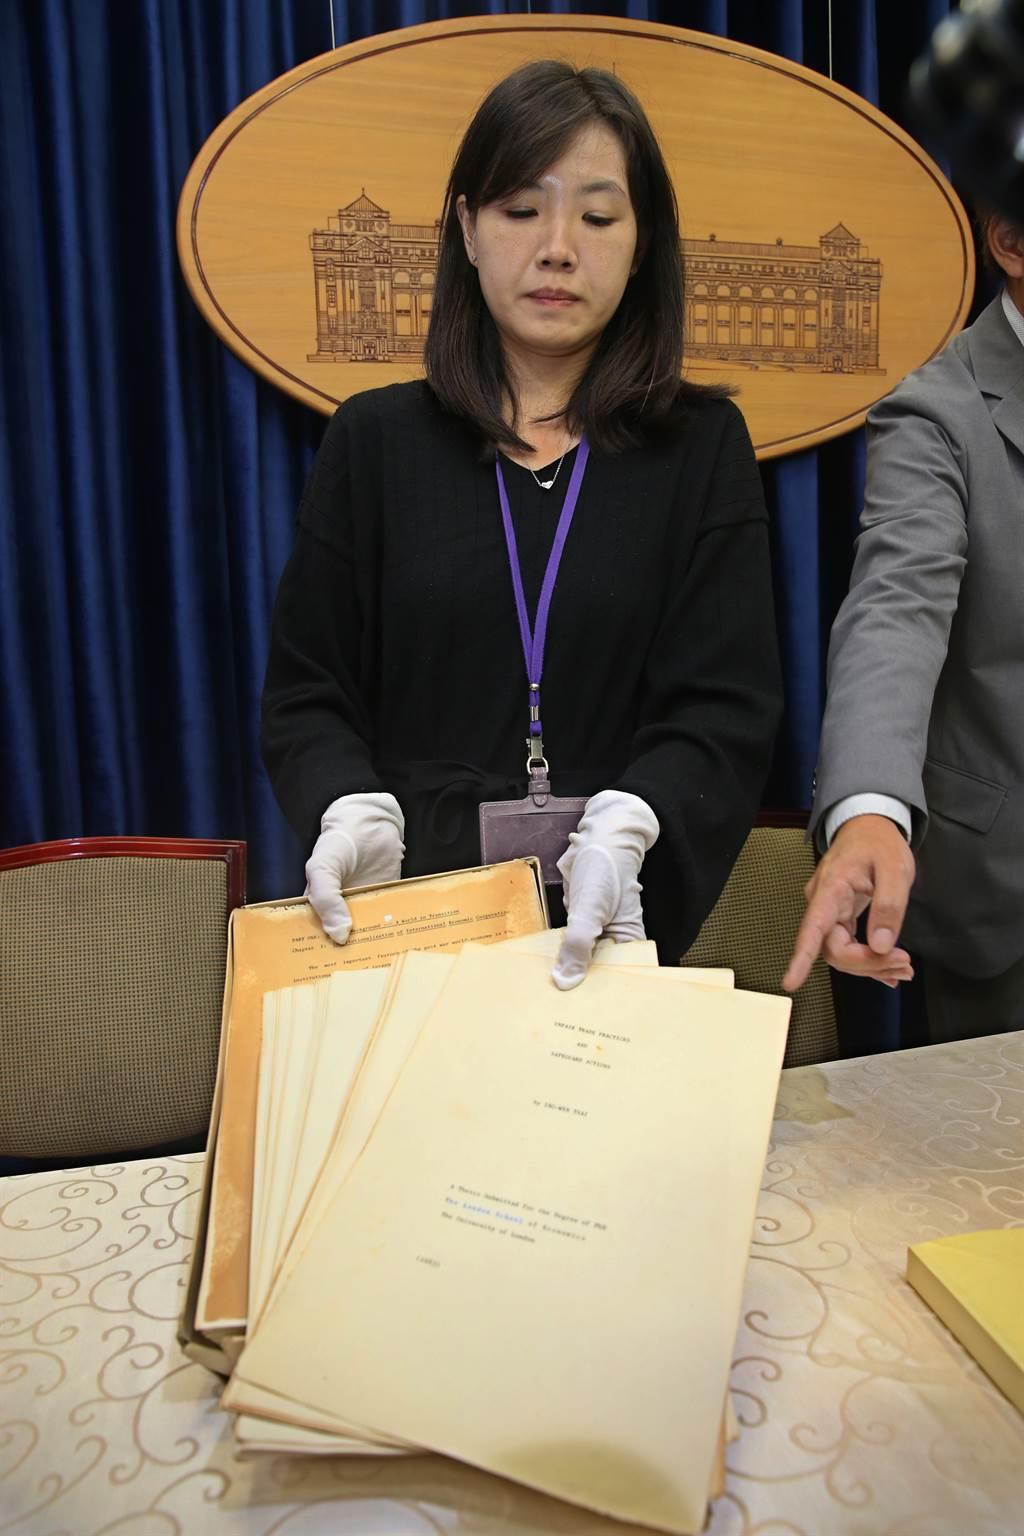 總統府23日召開記者會,亮出蔡英文總統在倫敦大學博士論文原稿。(陳君瑋攝)